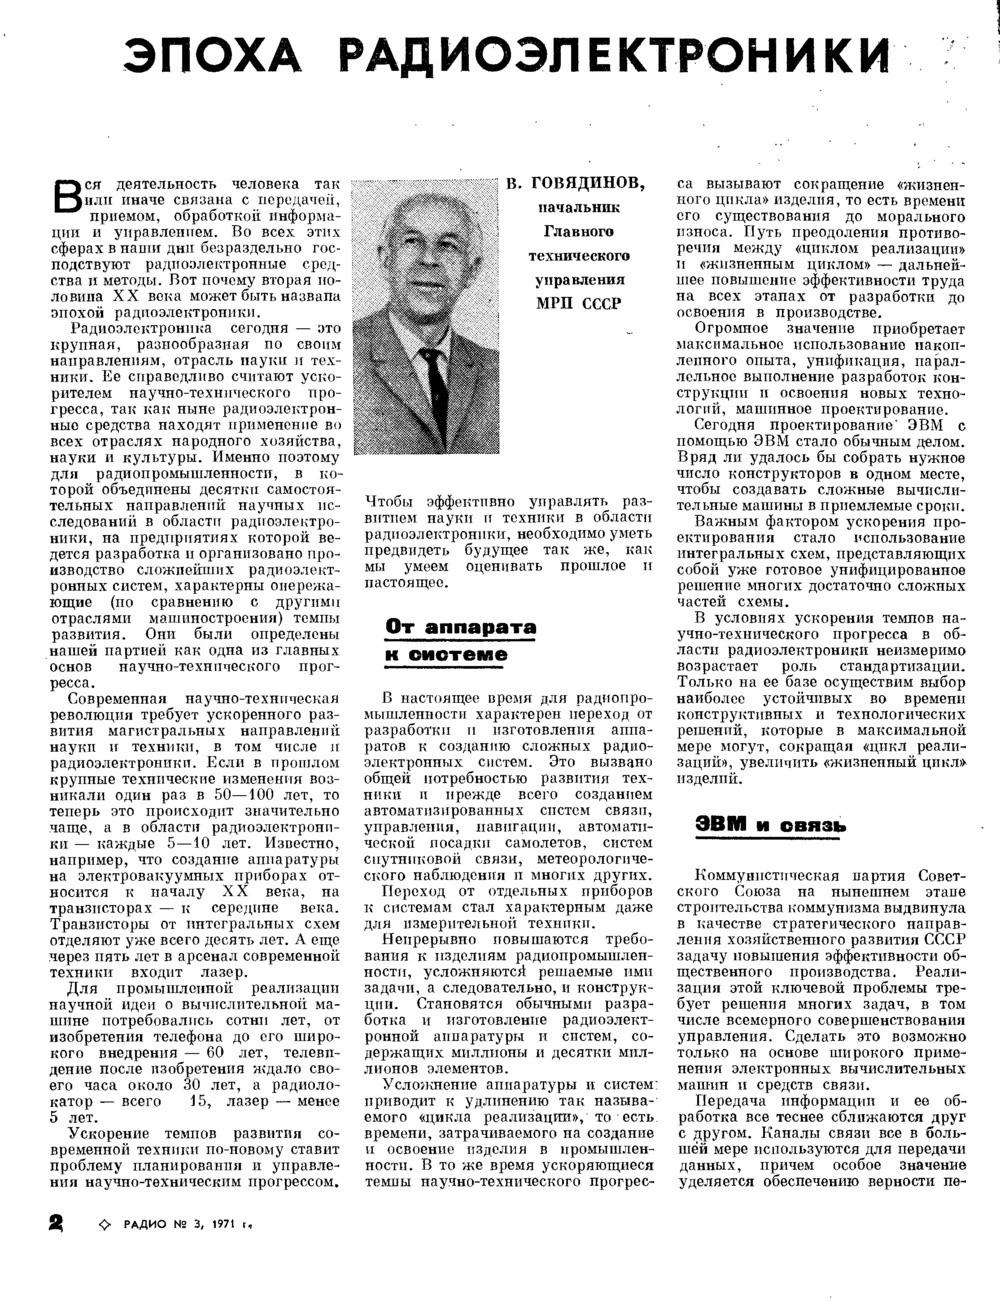 Кибернетика в СССР: от лженауки до панацеи - 8